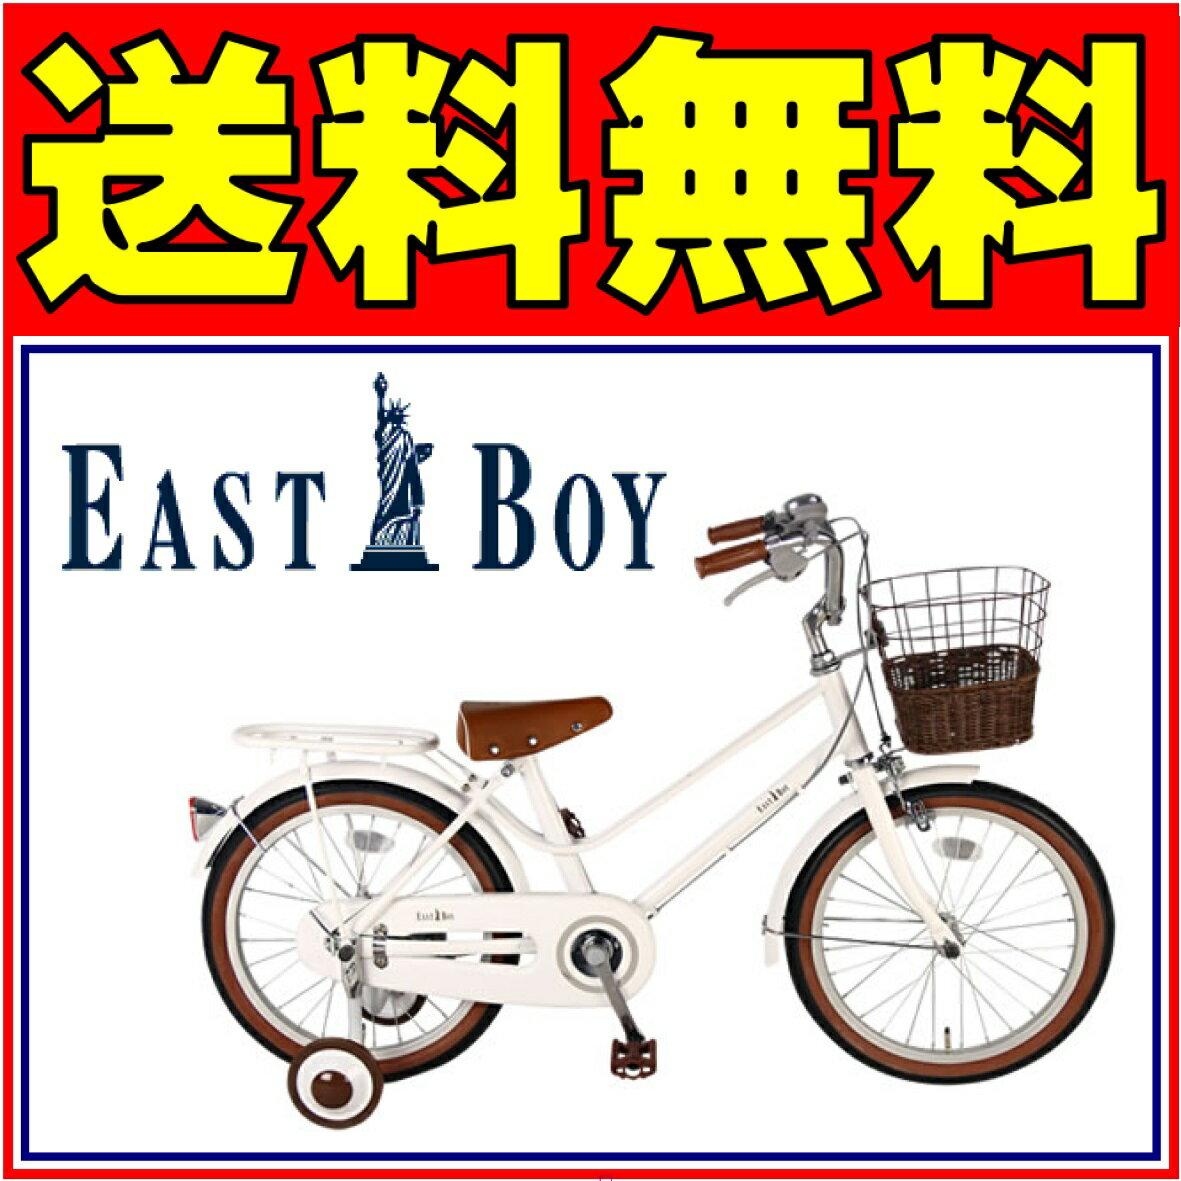 EASTBOY イーストボーイ 自転車 シティサイクル ホワイト 白<大人かわいい>キッズ 【16インチ 送料無料 イーストボーイ 自転車 クリスマス